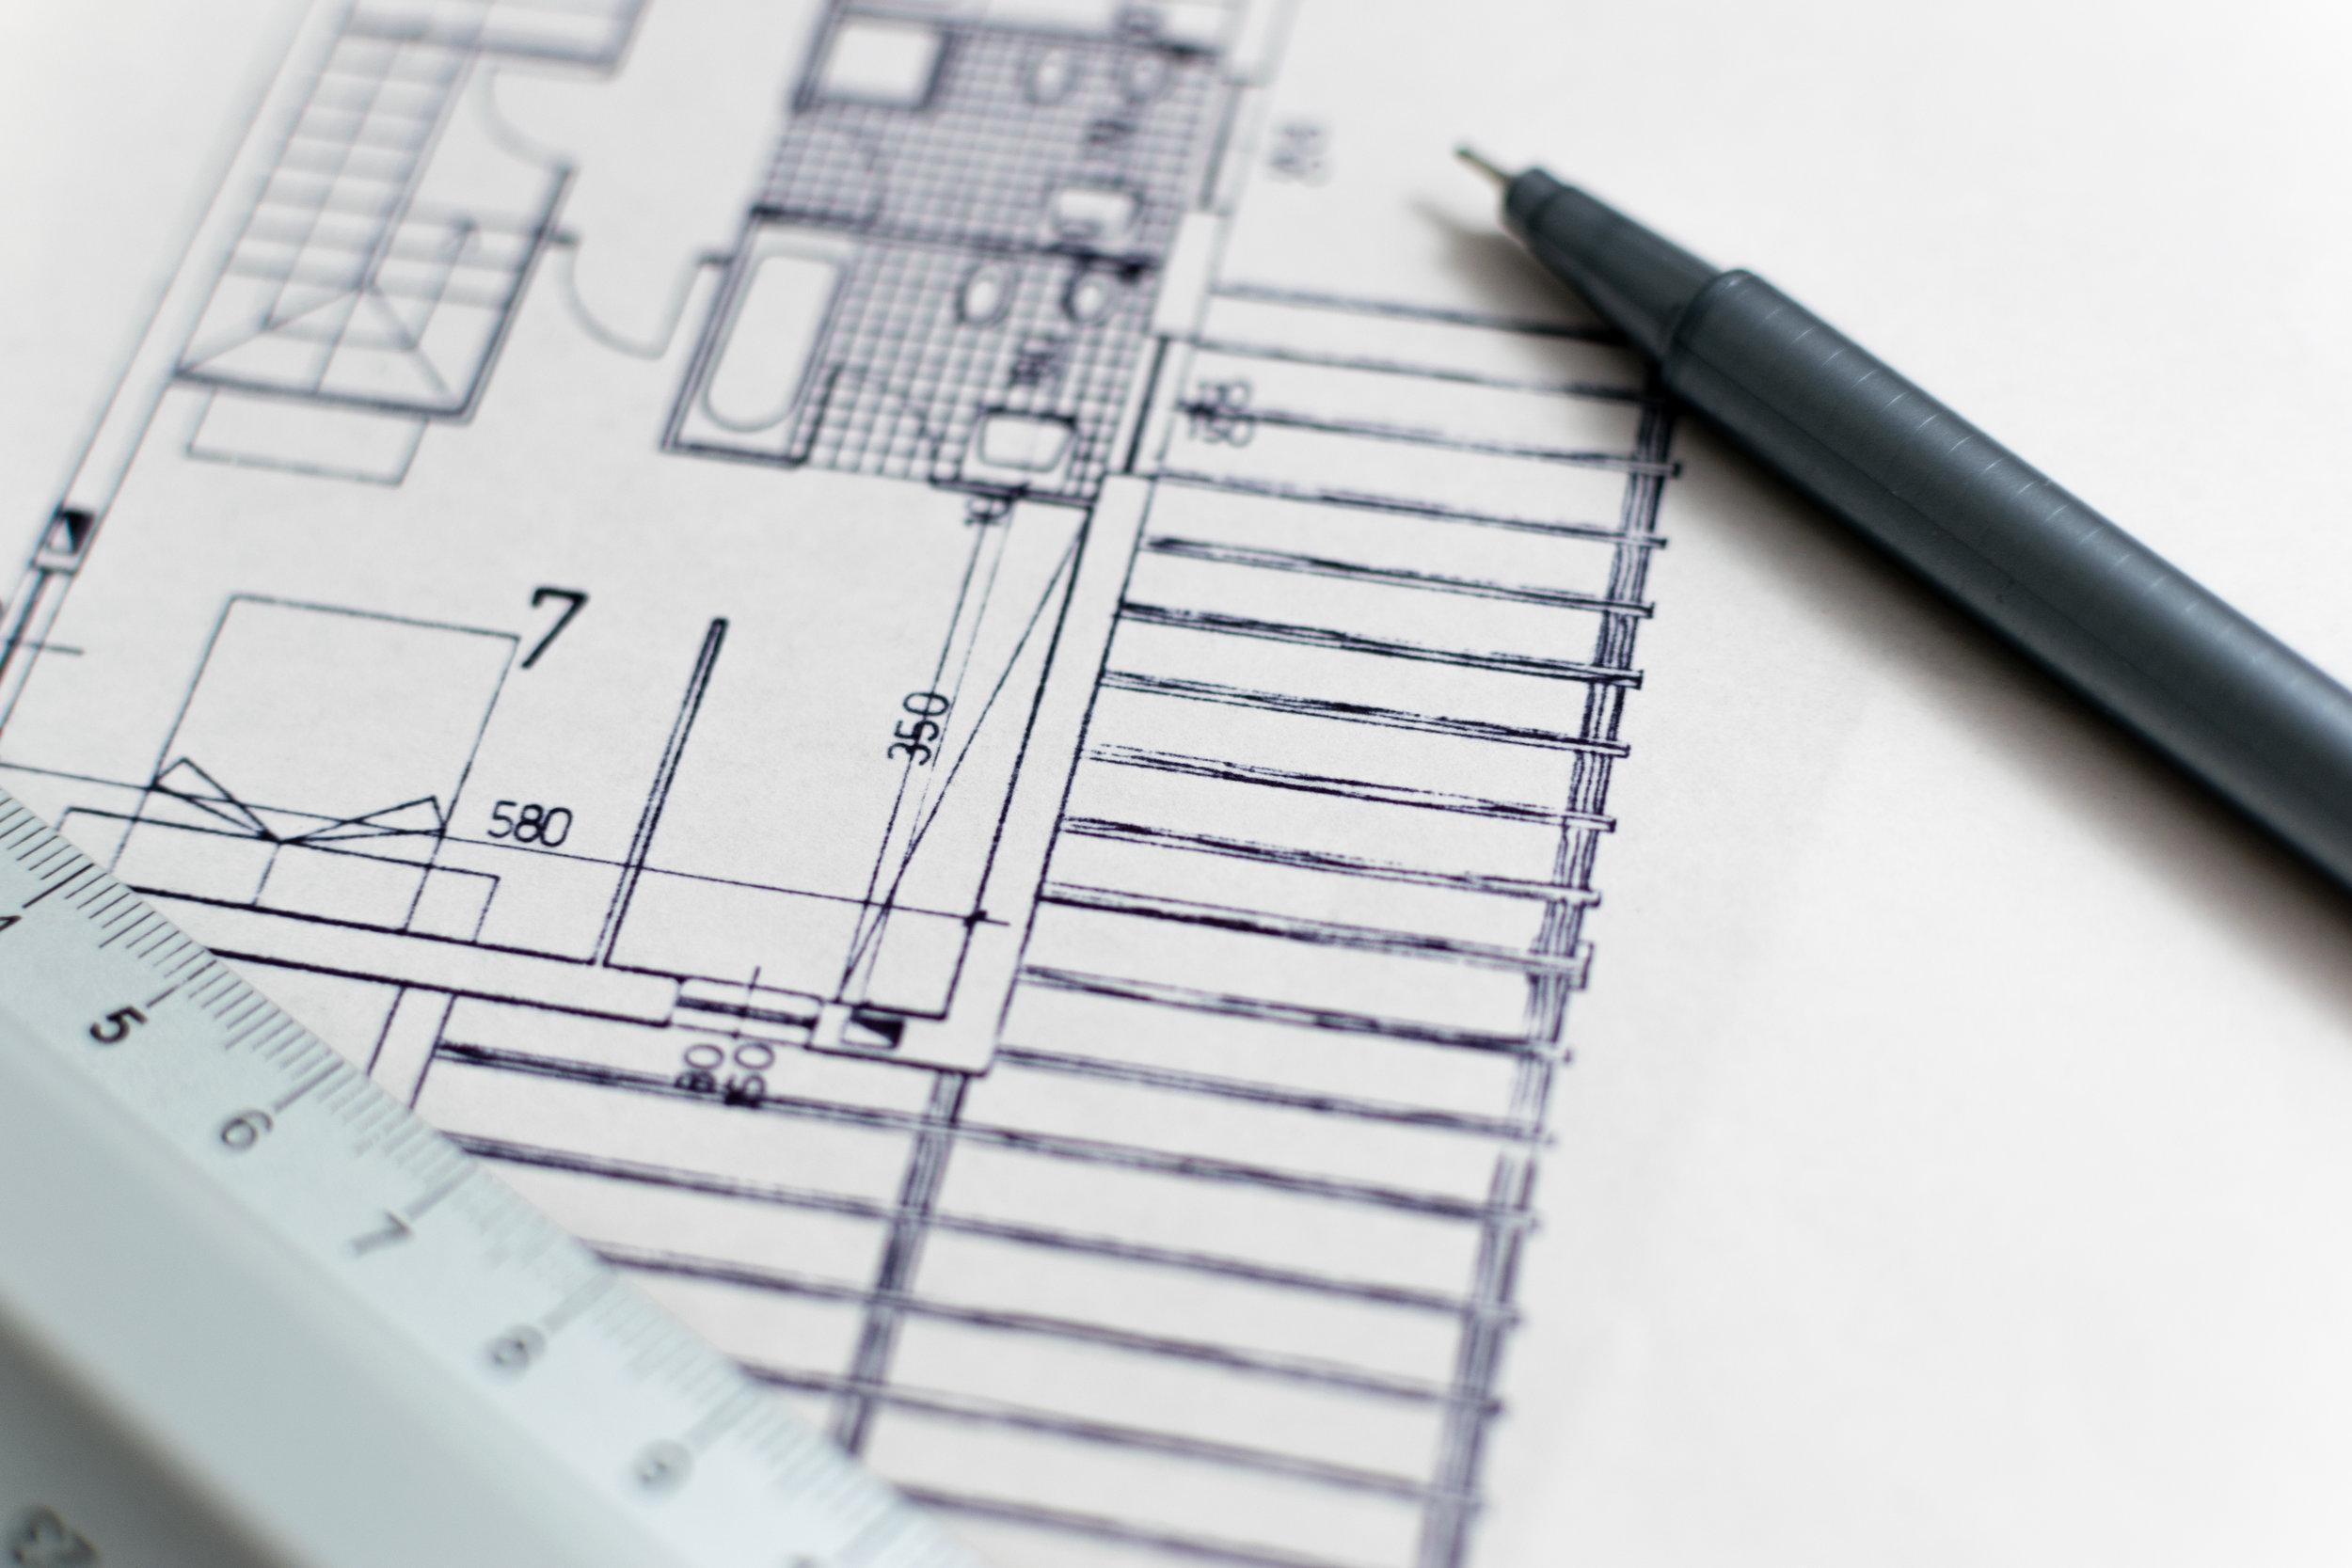 Architects     Katie Cassidy Architect    Smith & Vansant    Haynes & Garthwaite    Birdseye     R  andall T. Mudge    B  L Benn Architects